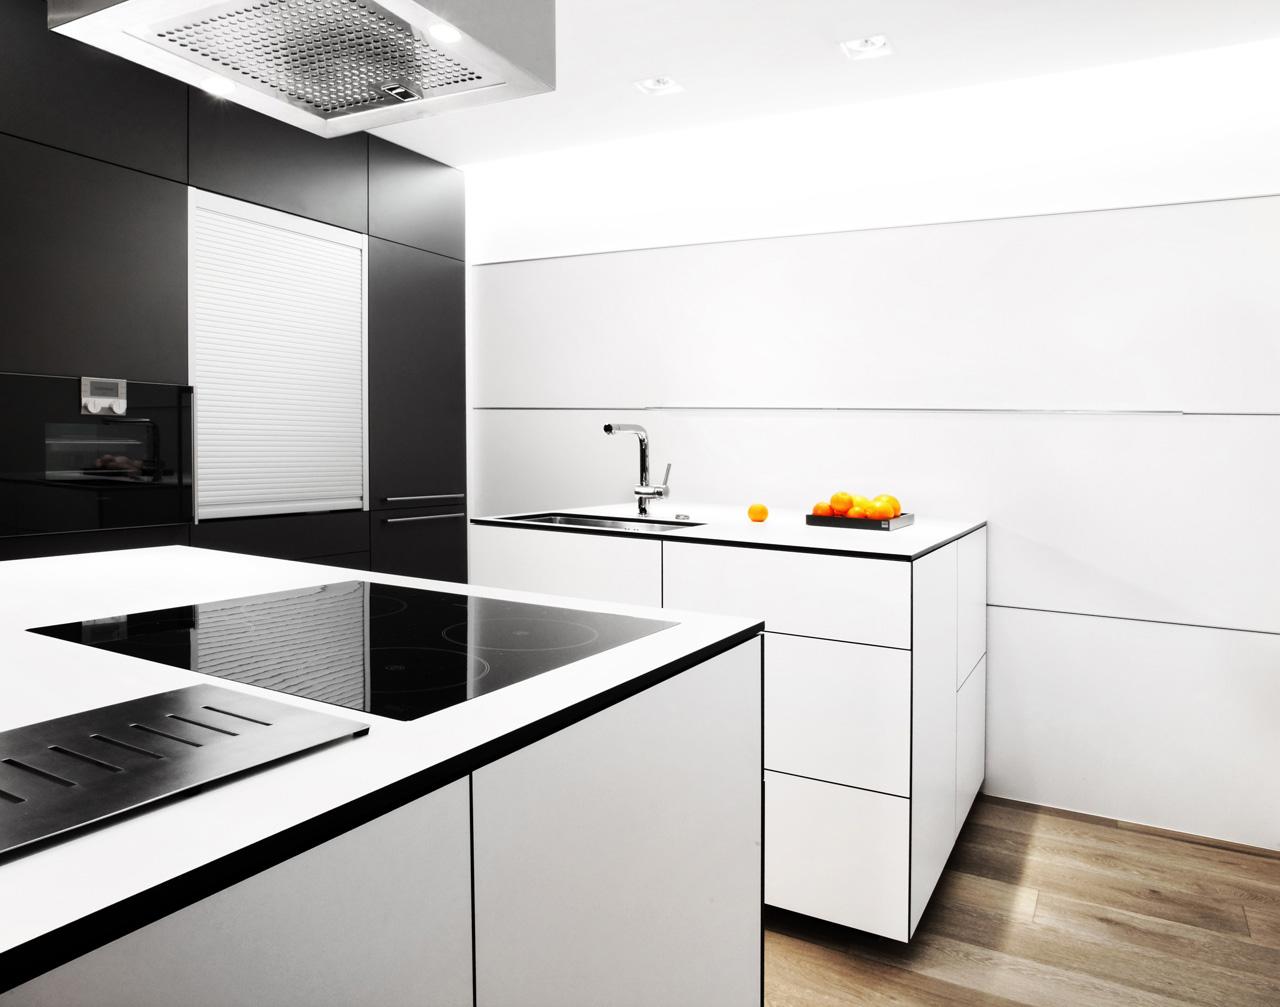 plan 3 küche / Wohnhaus in Luhačovice / Schönheit und Kontrast